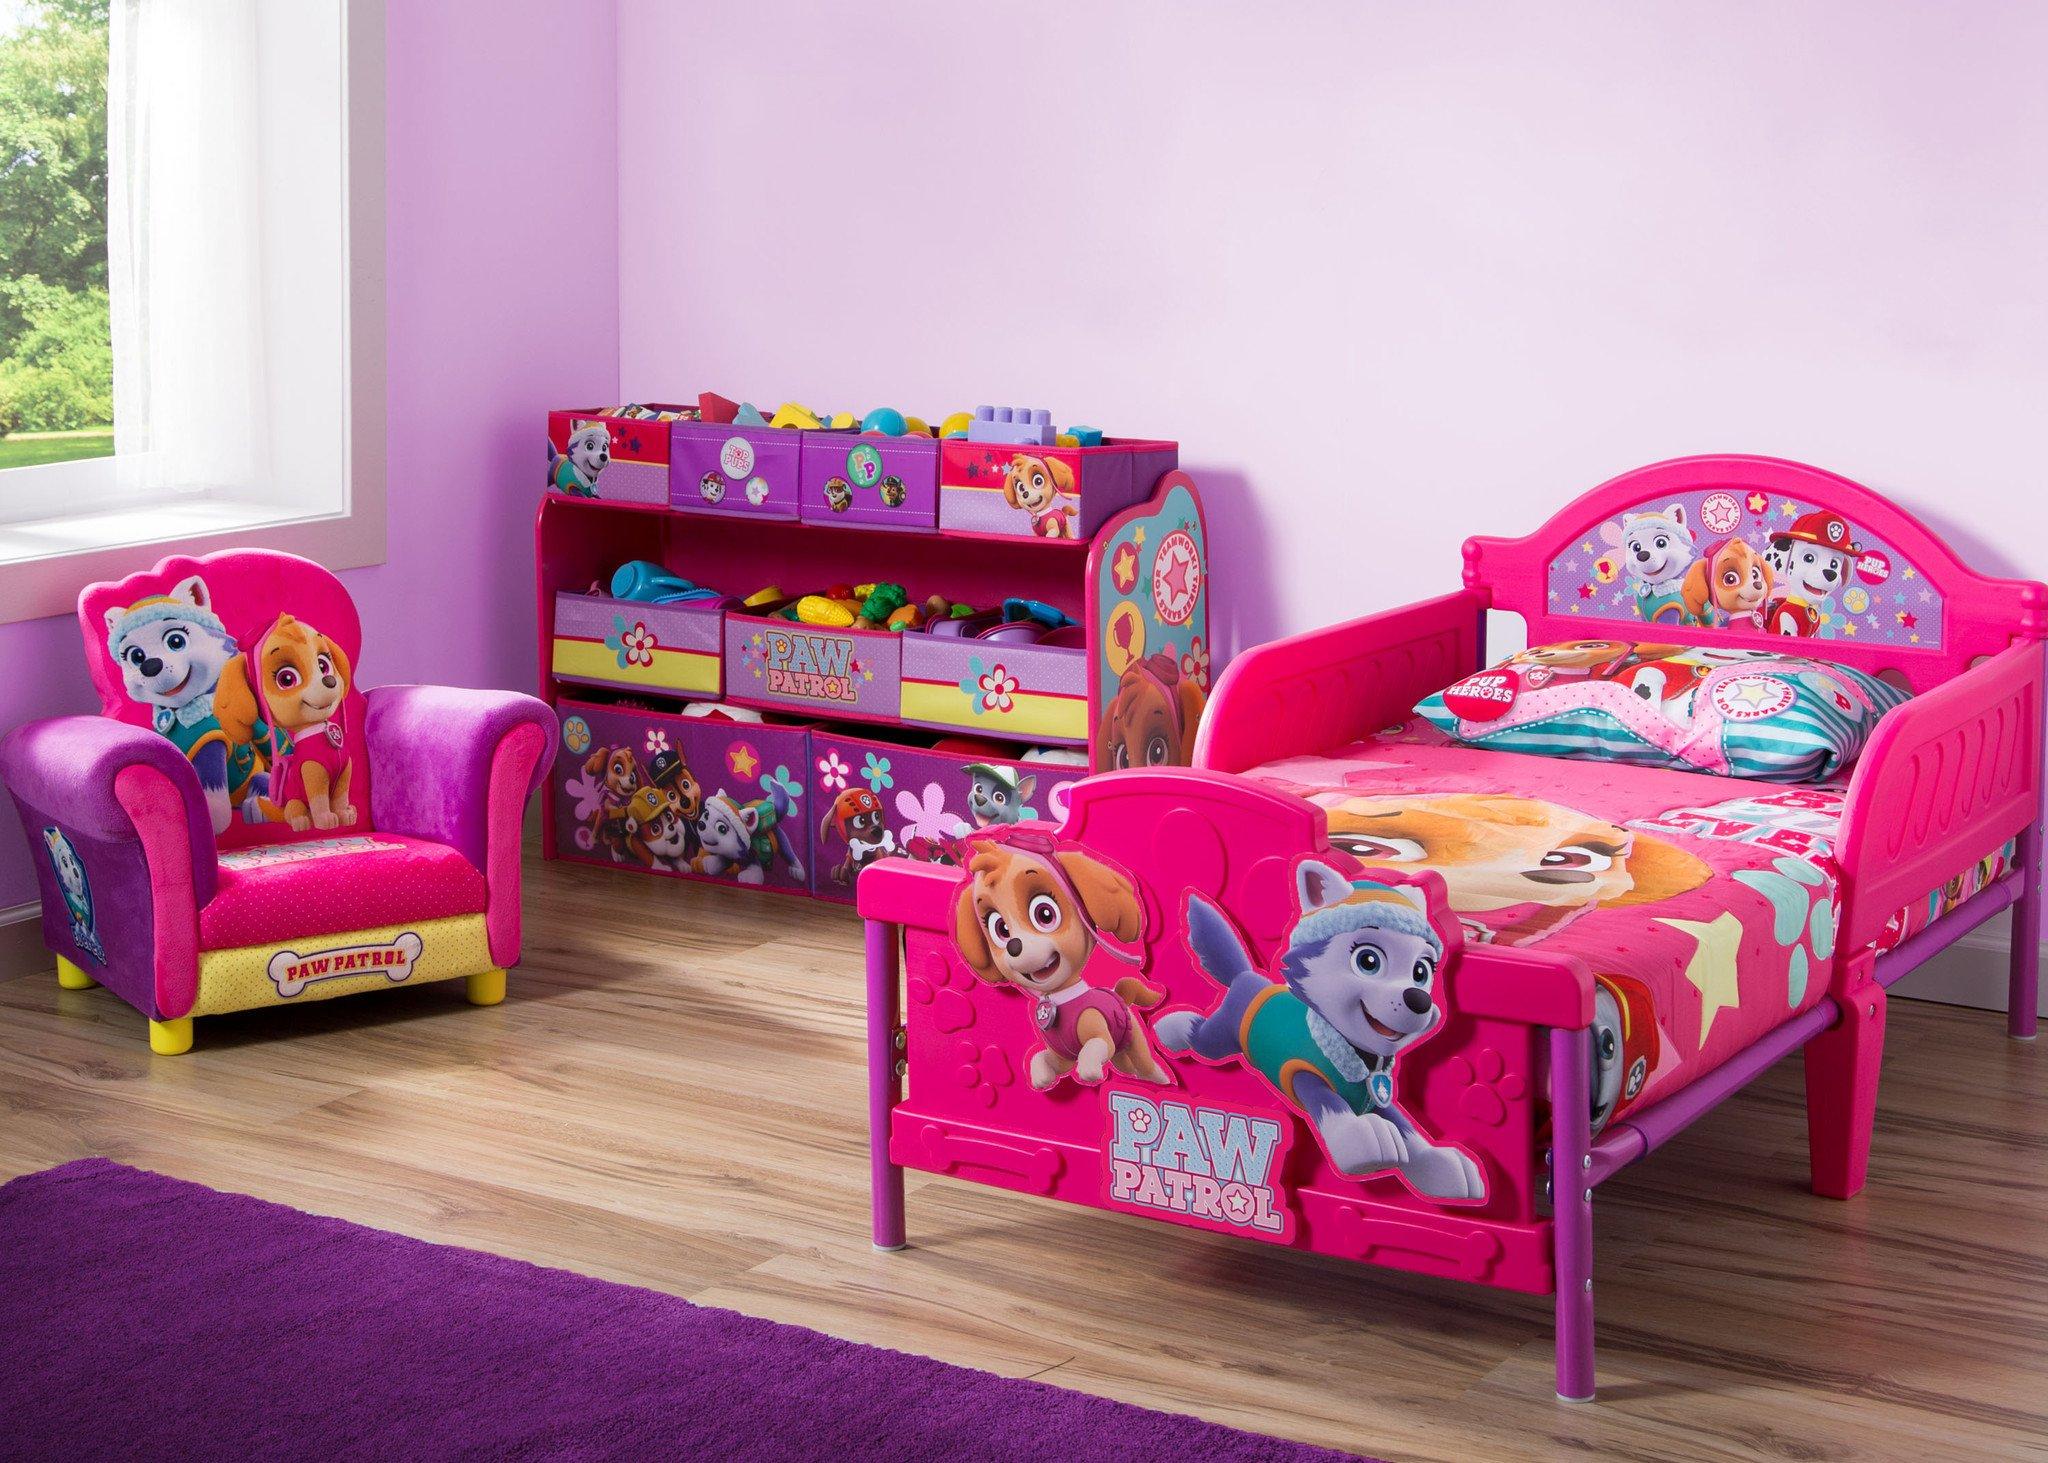 d tsk pokoj paw patrol tlapkov patrola plastov postel komoda k eslo. Black Bedroom Furniture Sets. Home Design Ideas